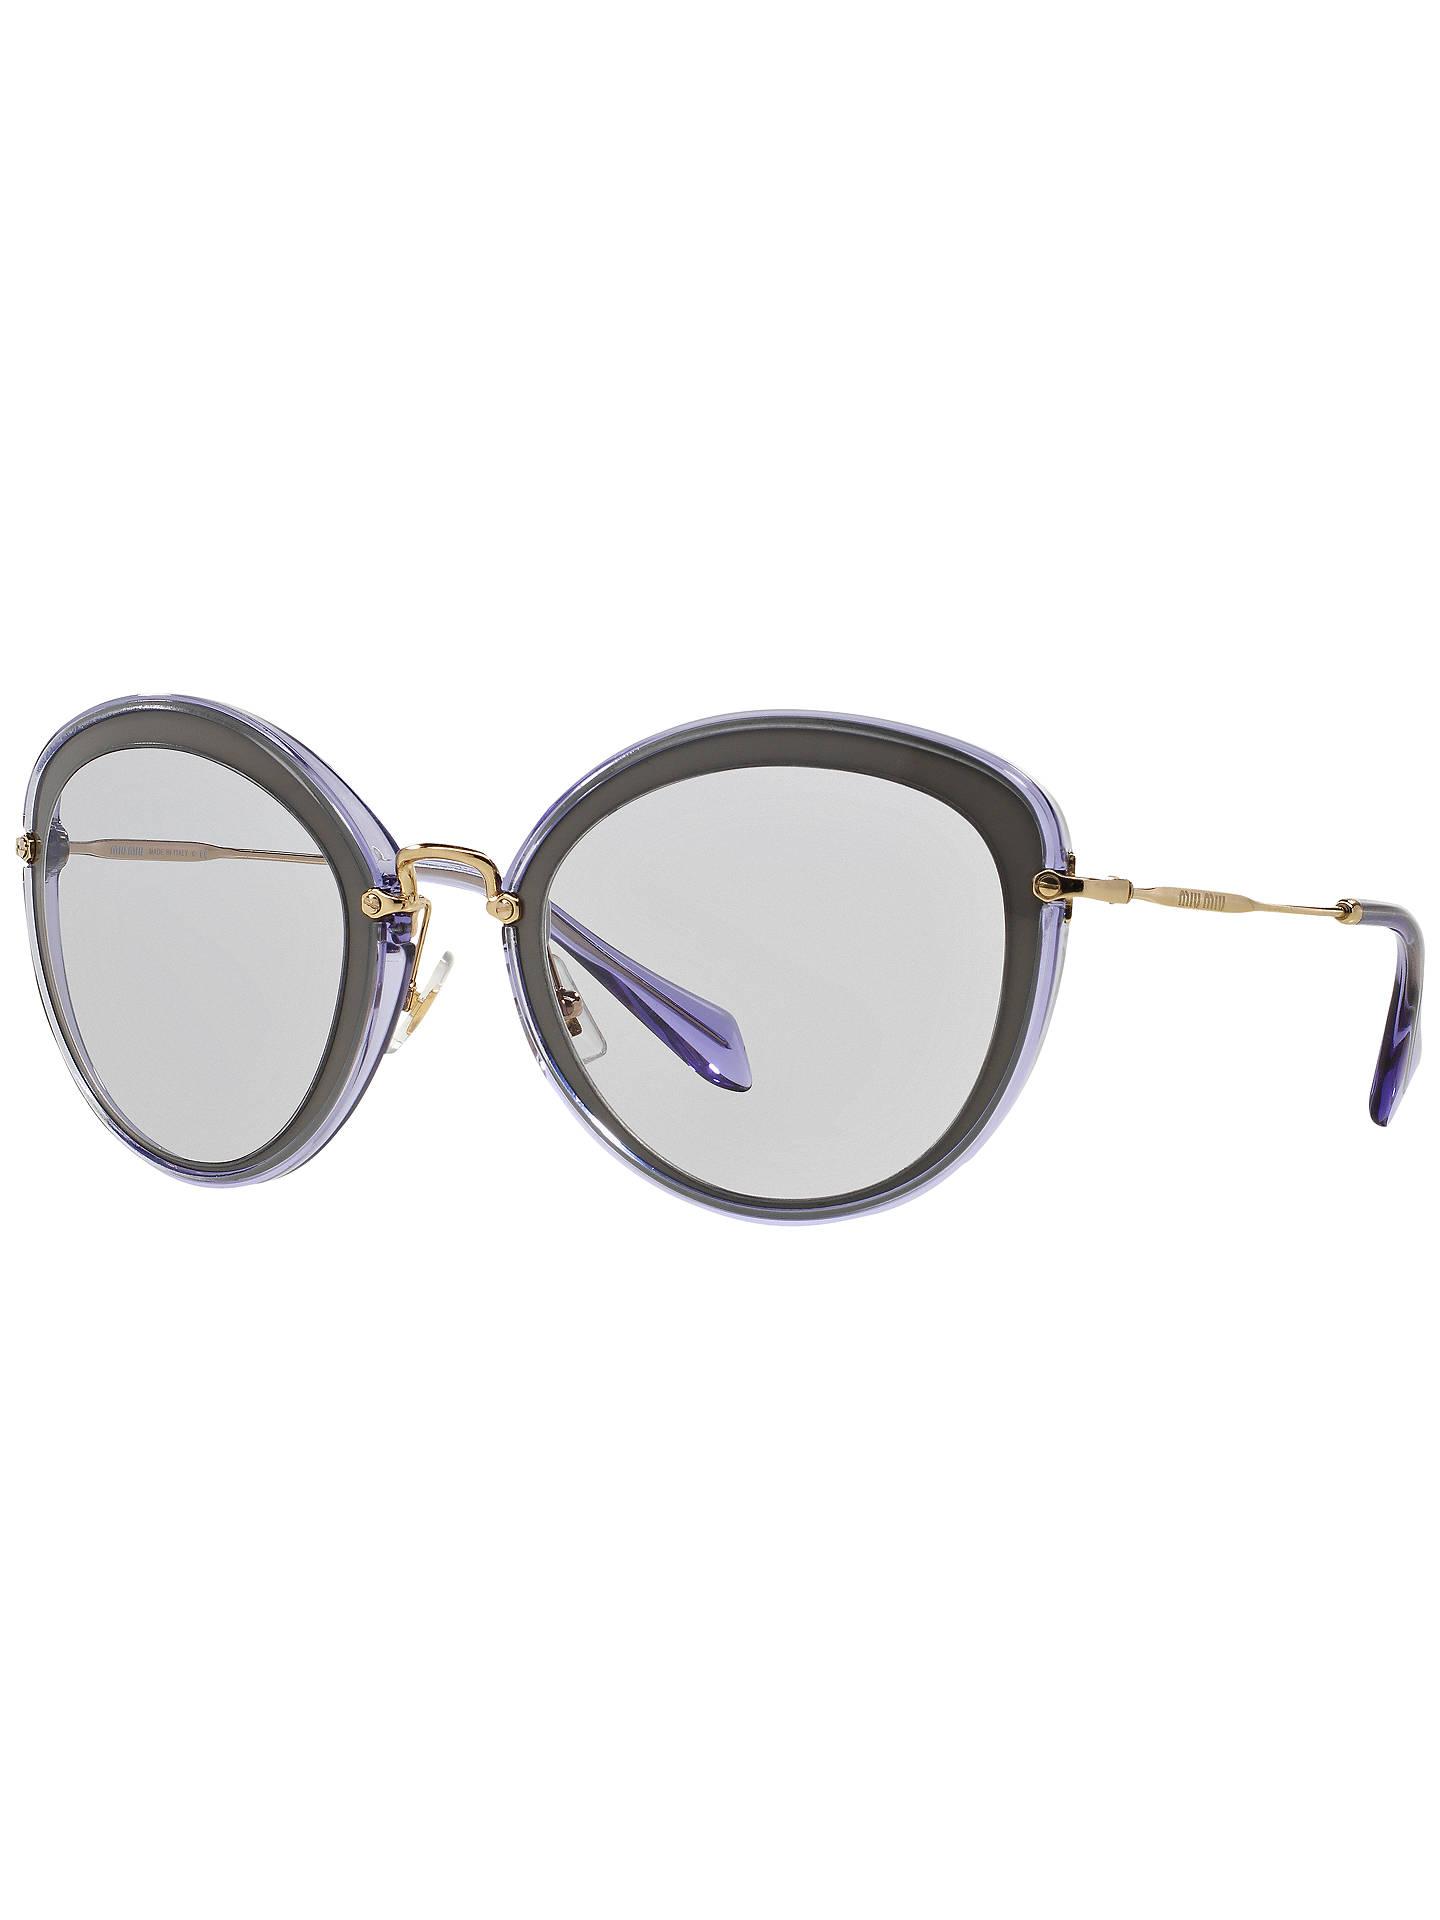 849fa4f0d663 Miu Miu MU50RS Cat s Eye Metal Sunglasses at John Lewis   Partners